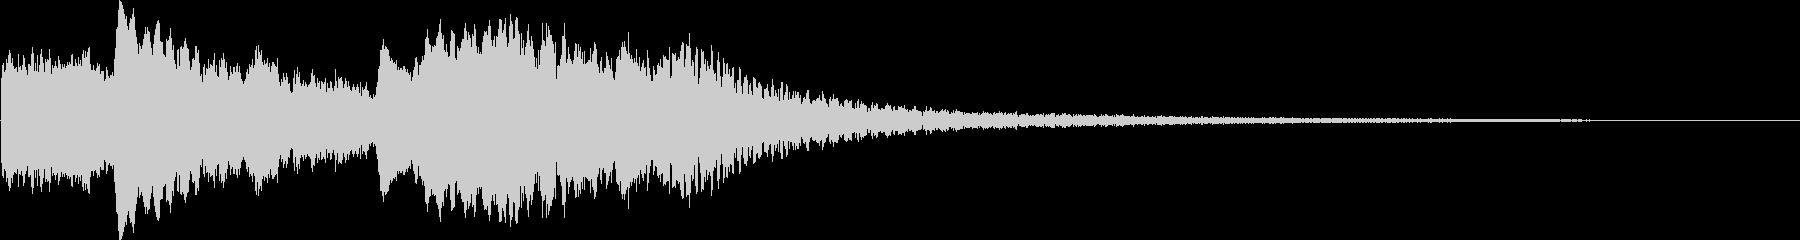 ホラーベル3の未再生の波形